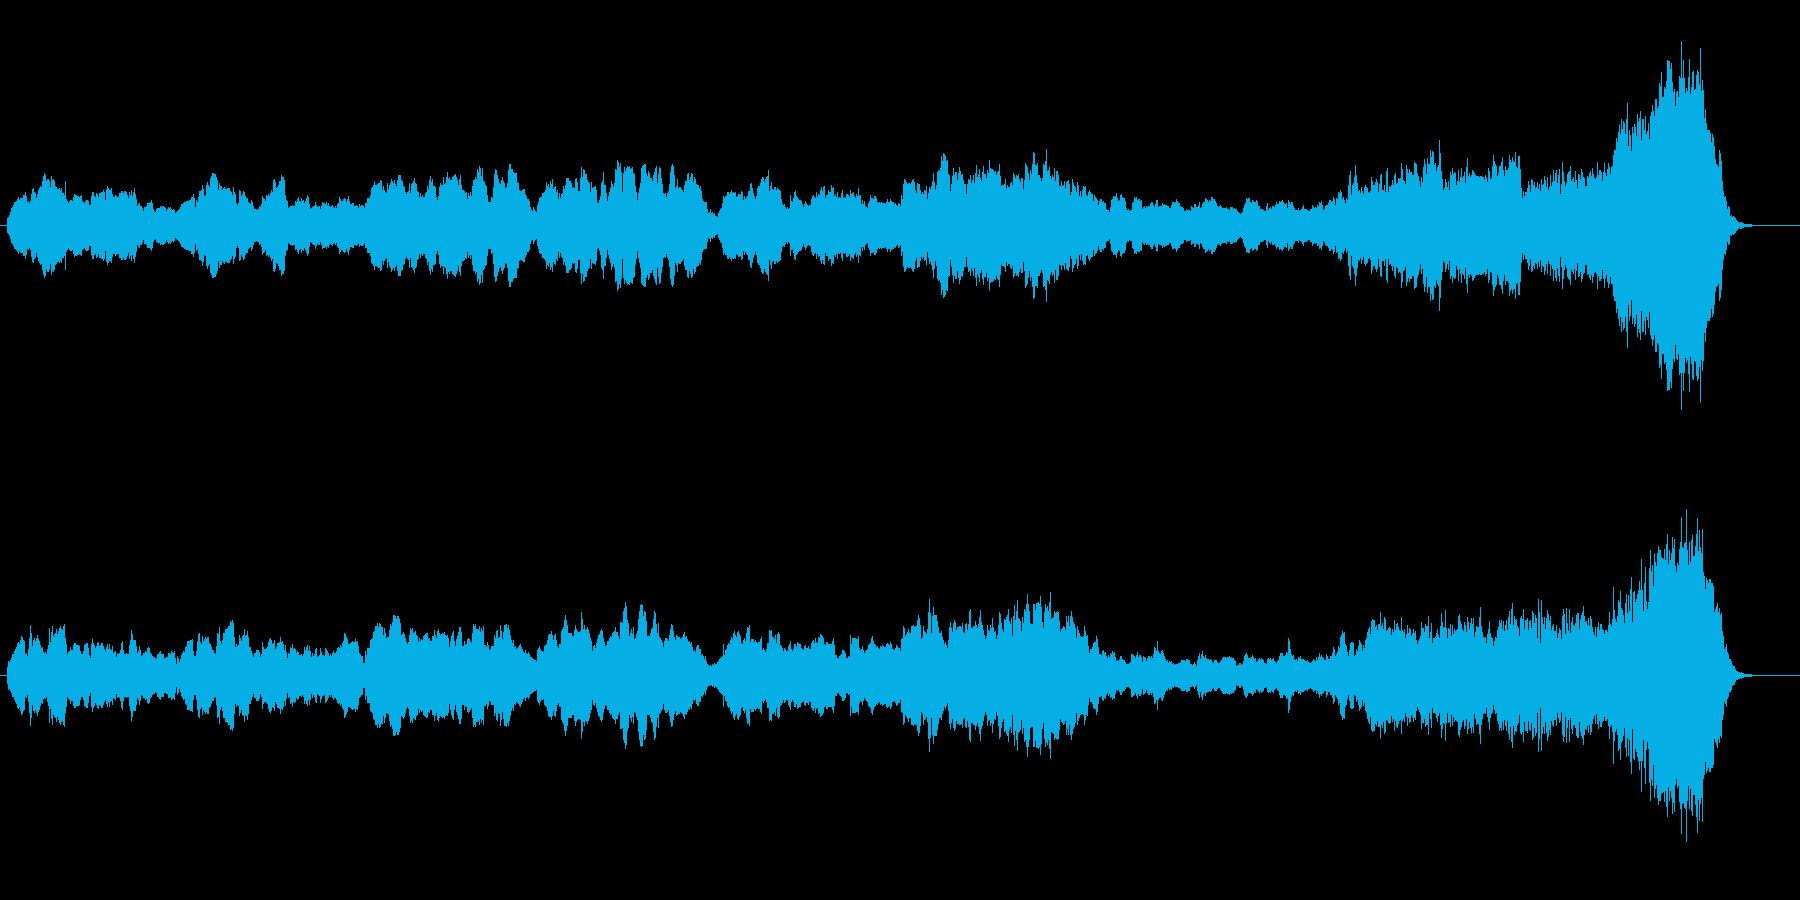 『家路』 「新世界より」から  編集版の再生済みの波形